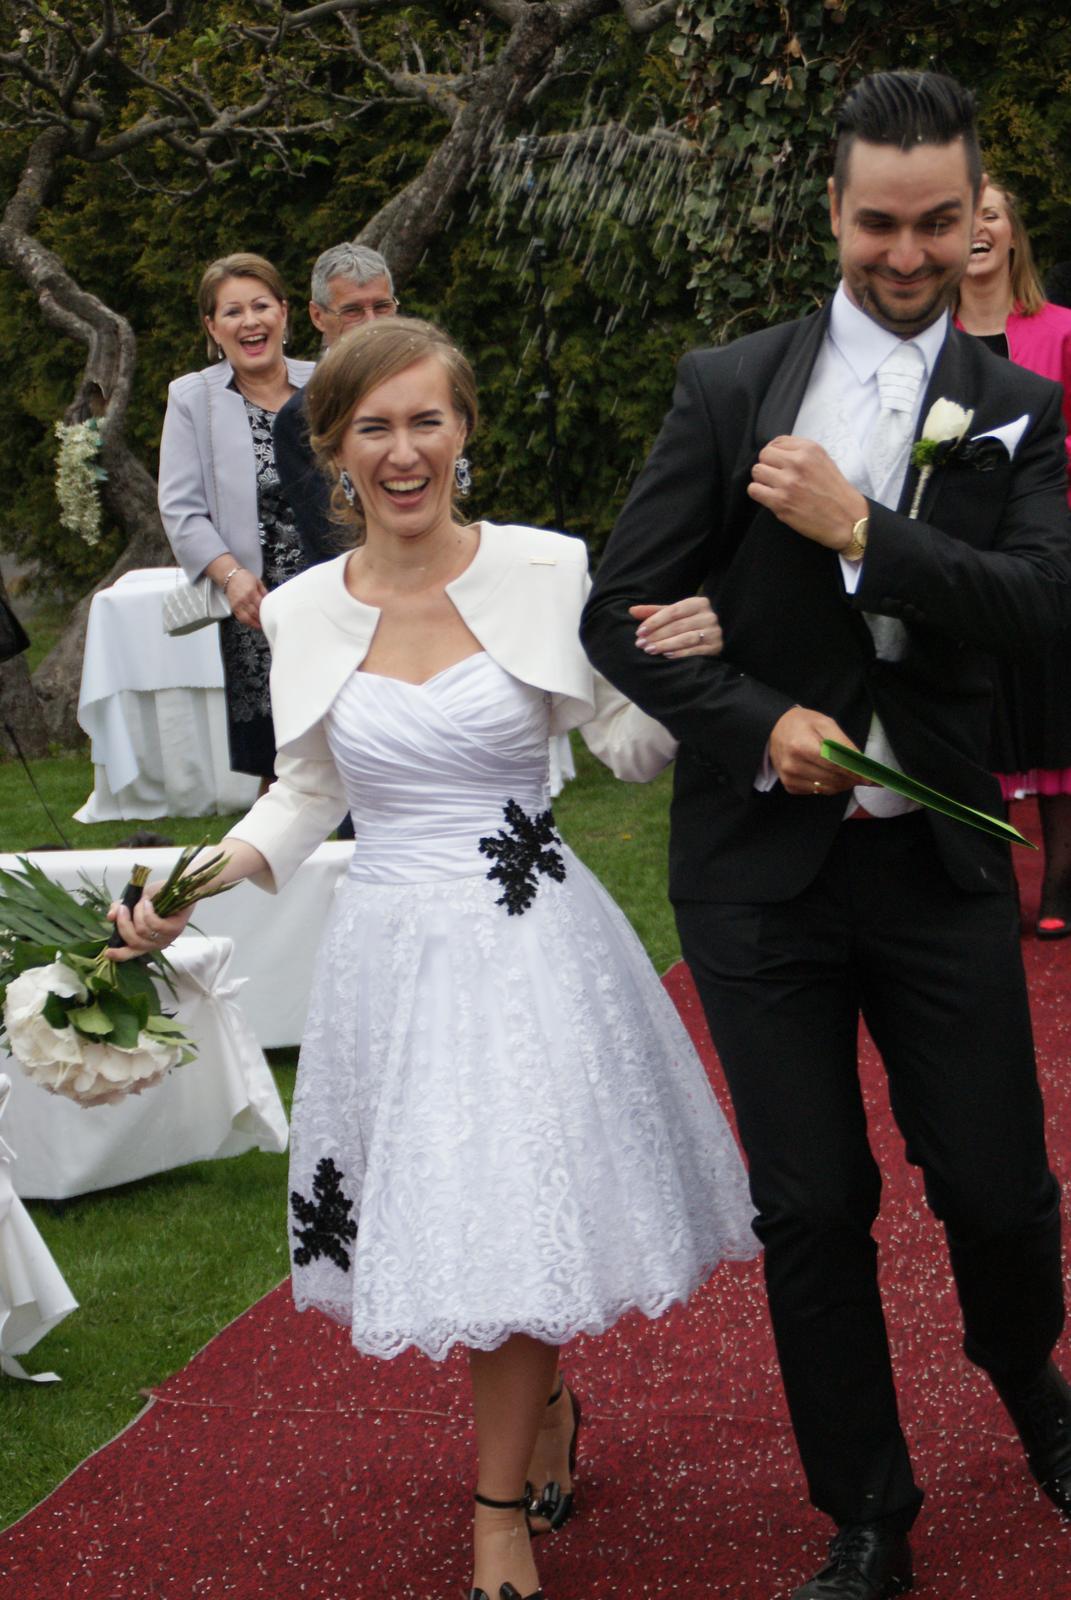 peter_a_lucia - Krátke svadobné šaty s čiernymi aplikáciami